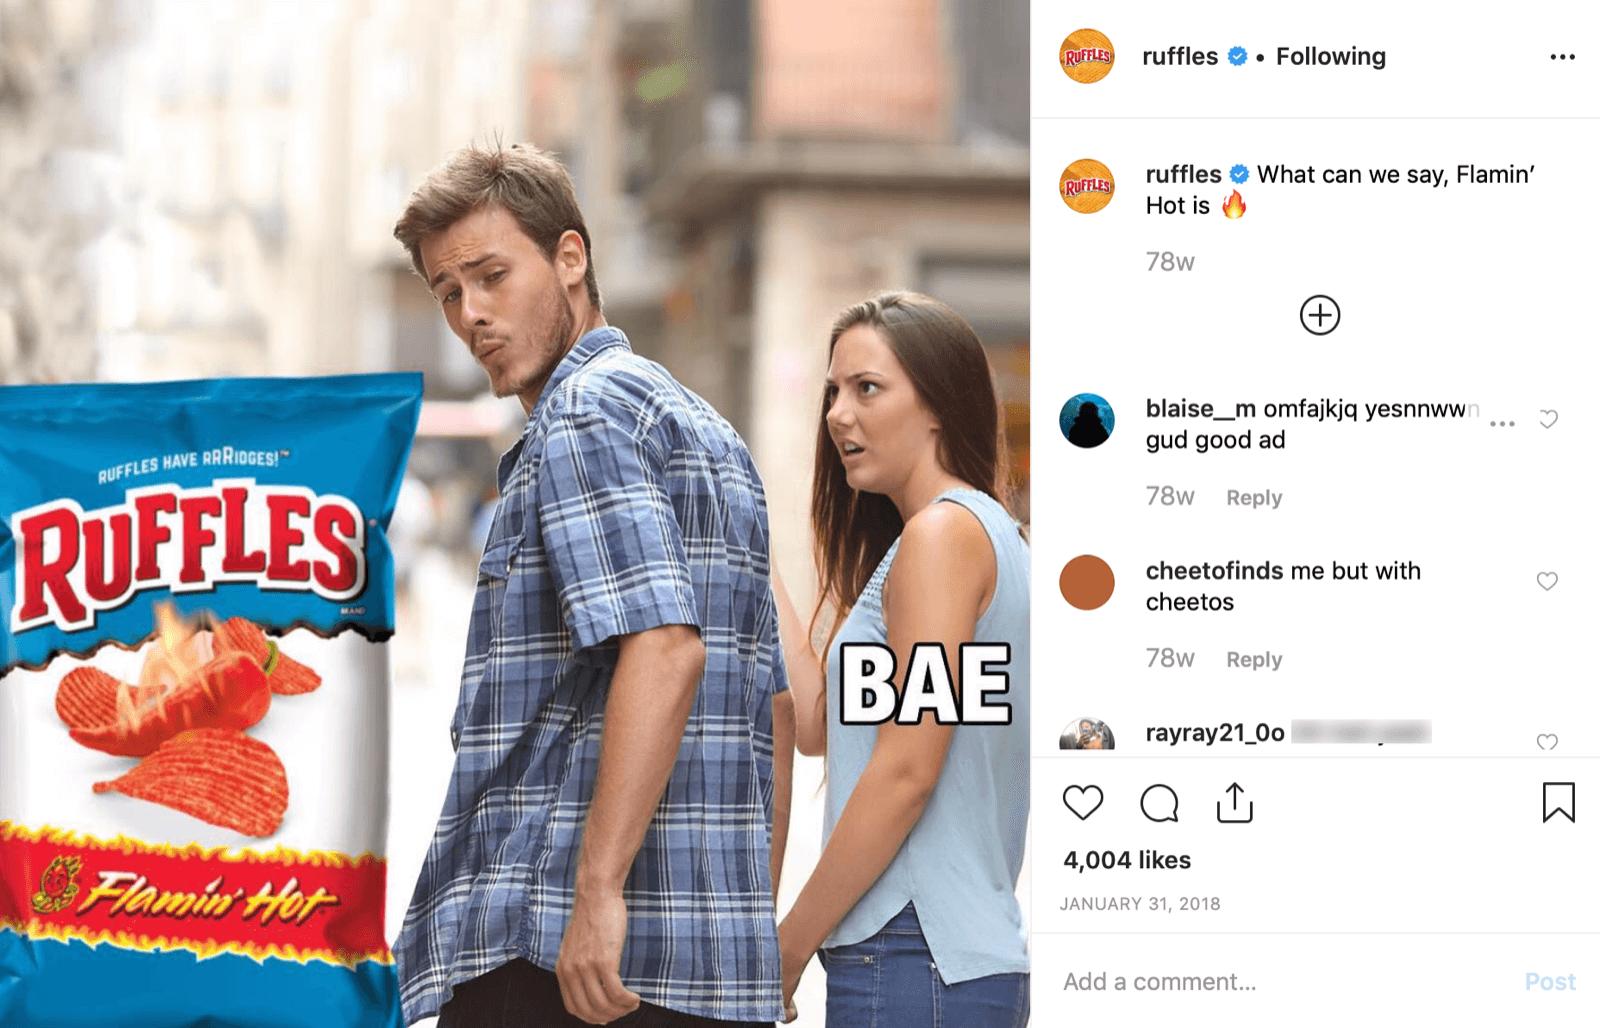 Ruffles uses memes on Instagram